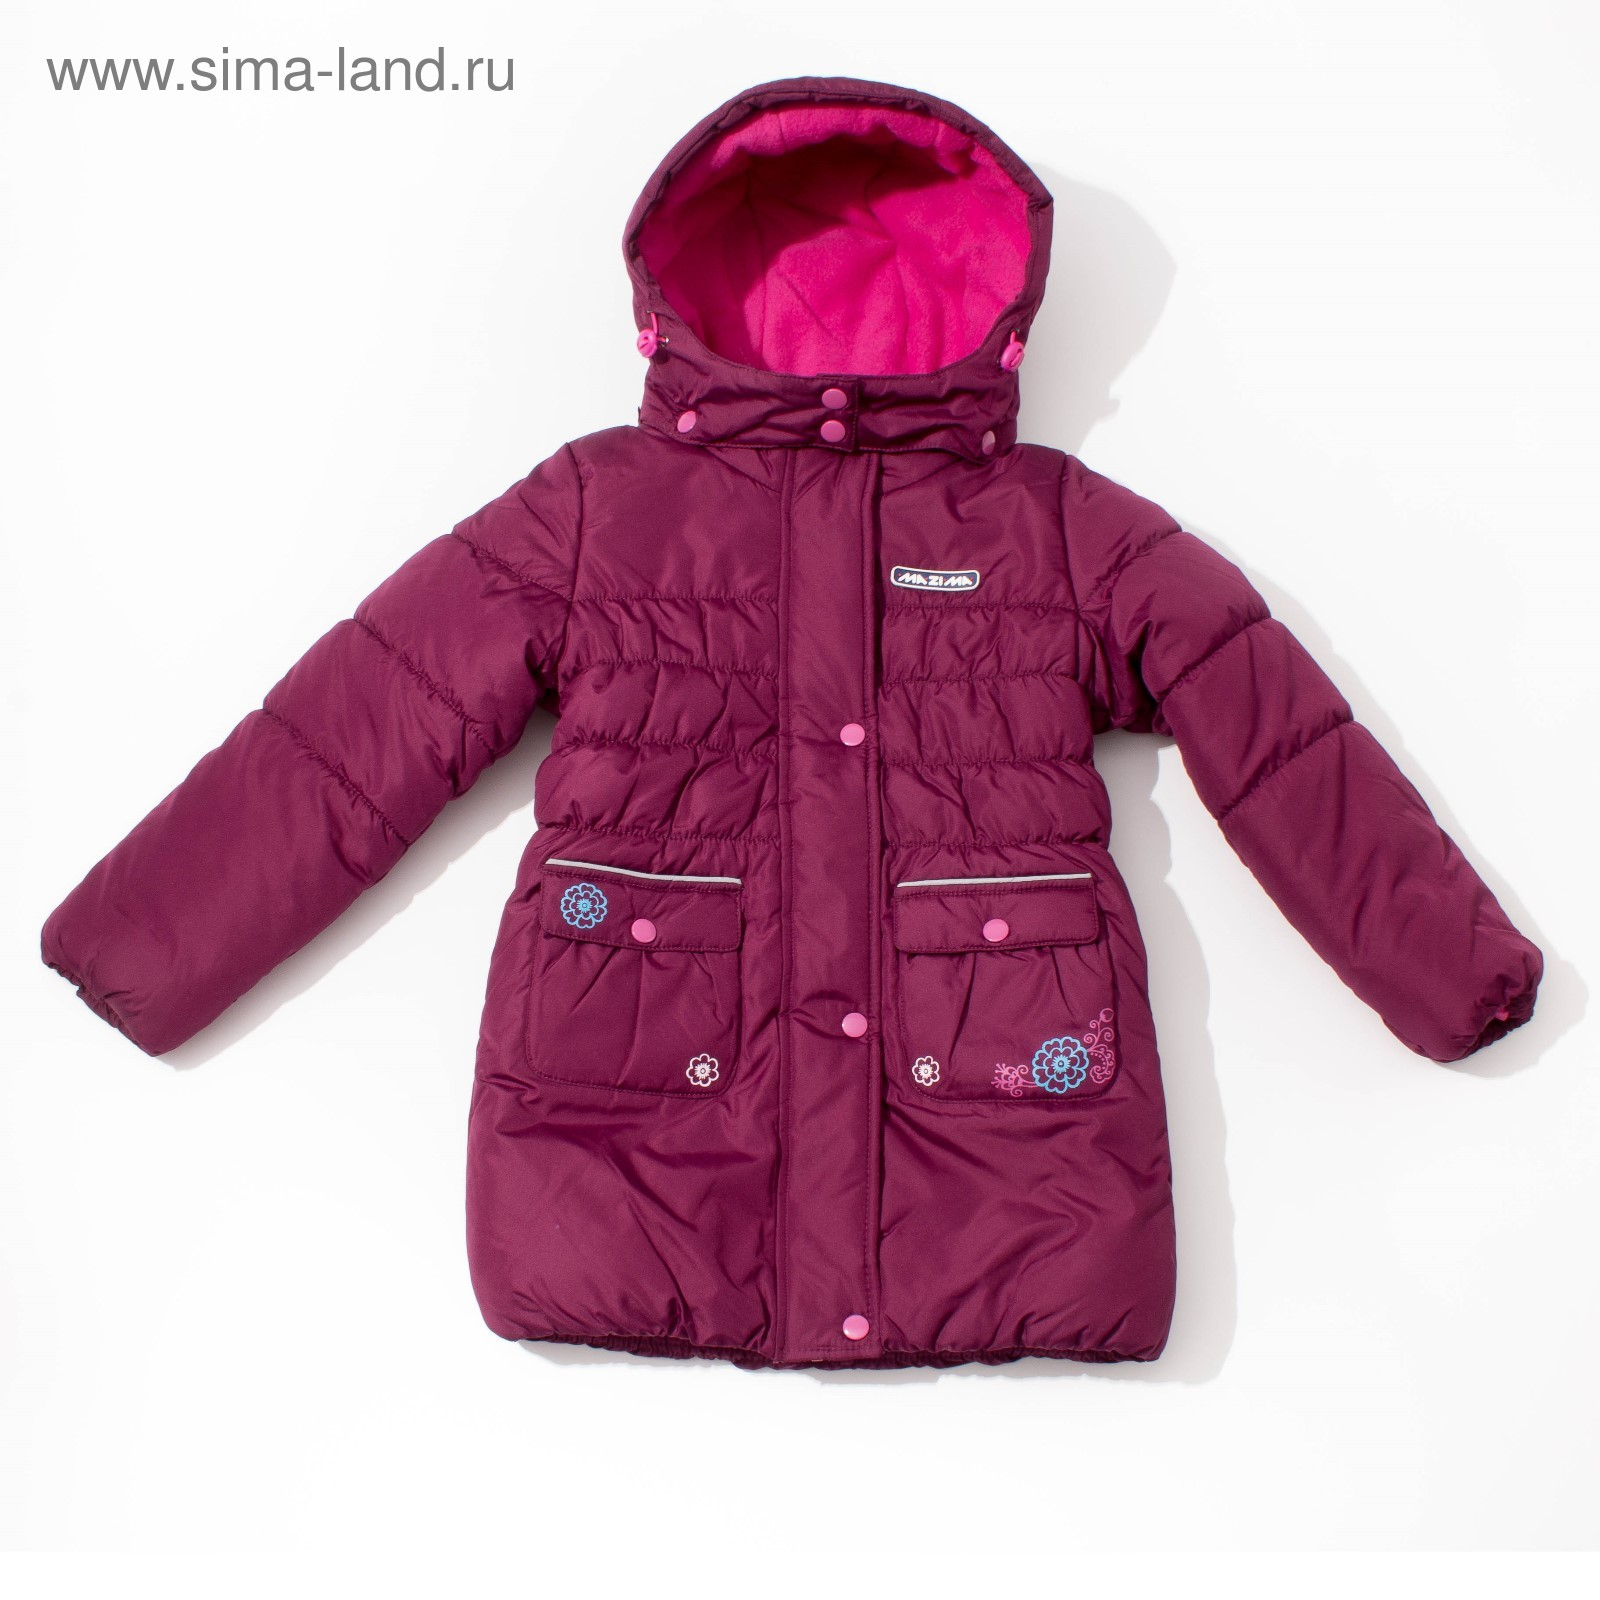 Куртка (пальто) зимняя MW27109 пурпурный e3ad0abb6712b